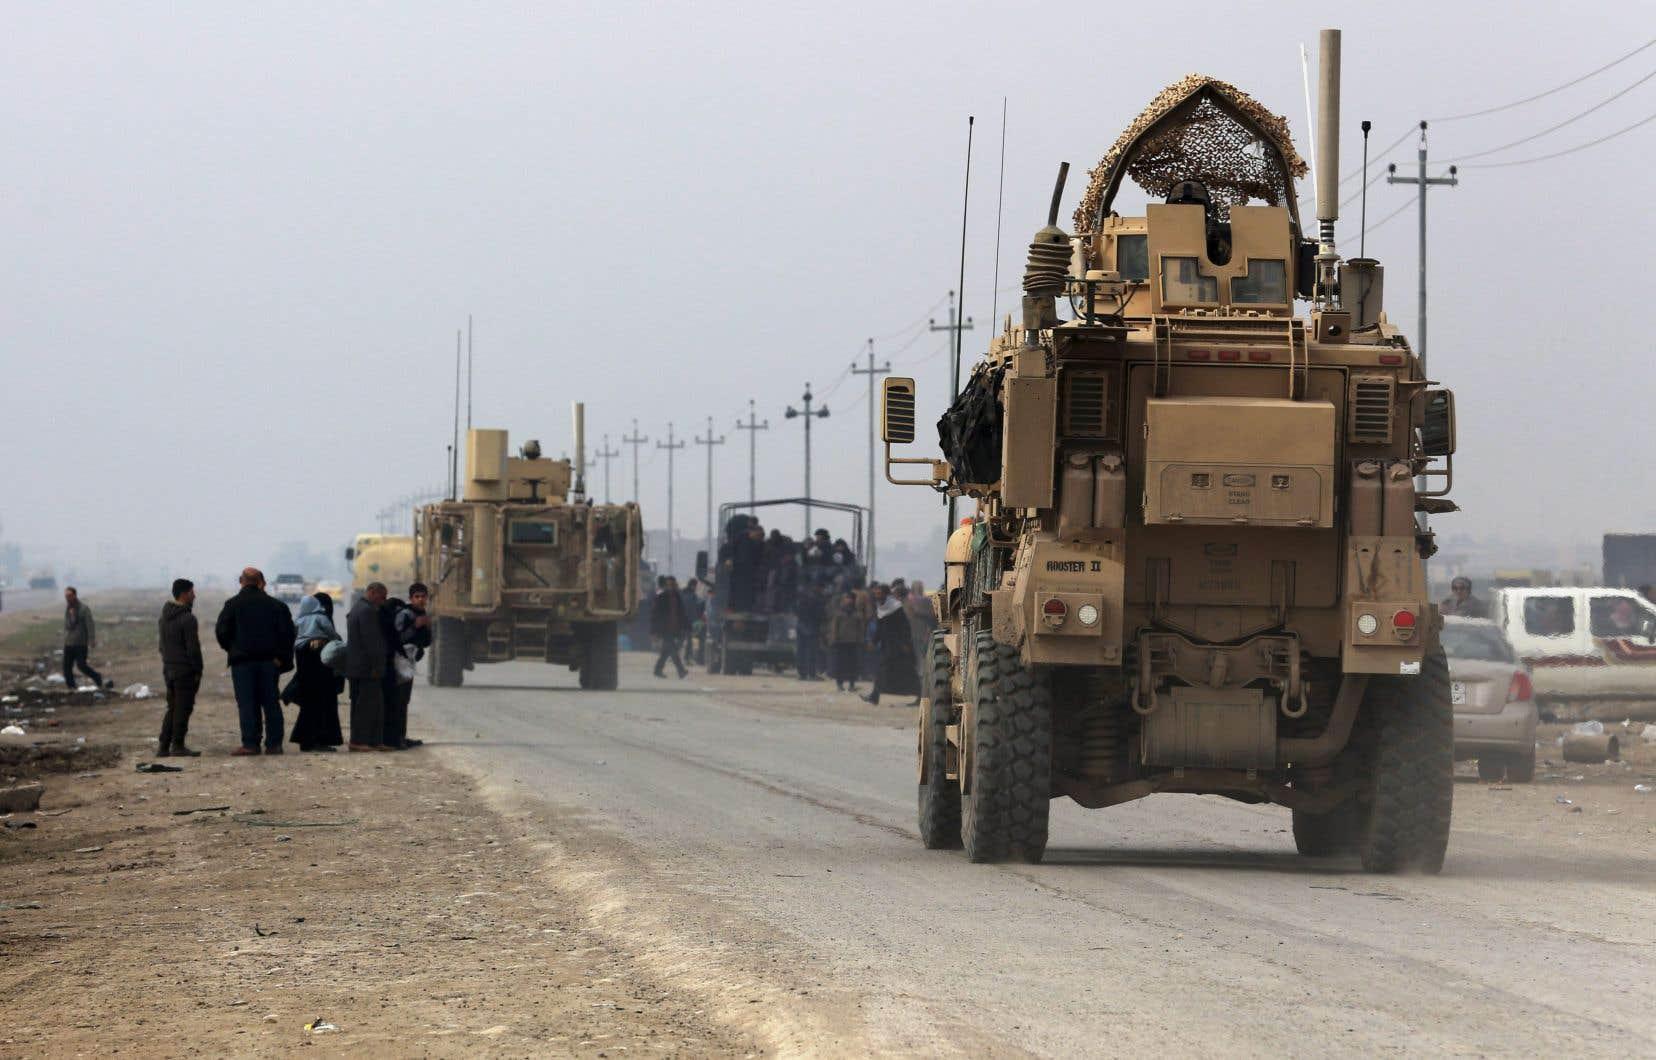 Un véhicule blindé américain, photographié en janvier 2016 sur la route de Mossoul